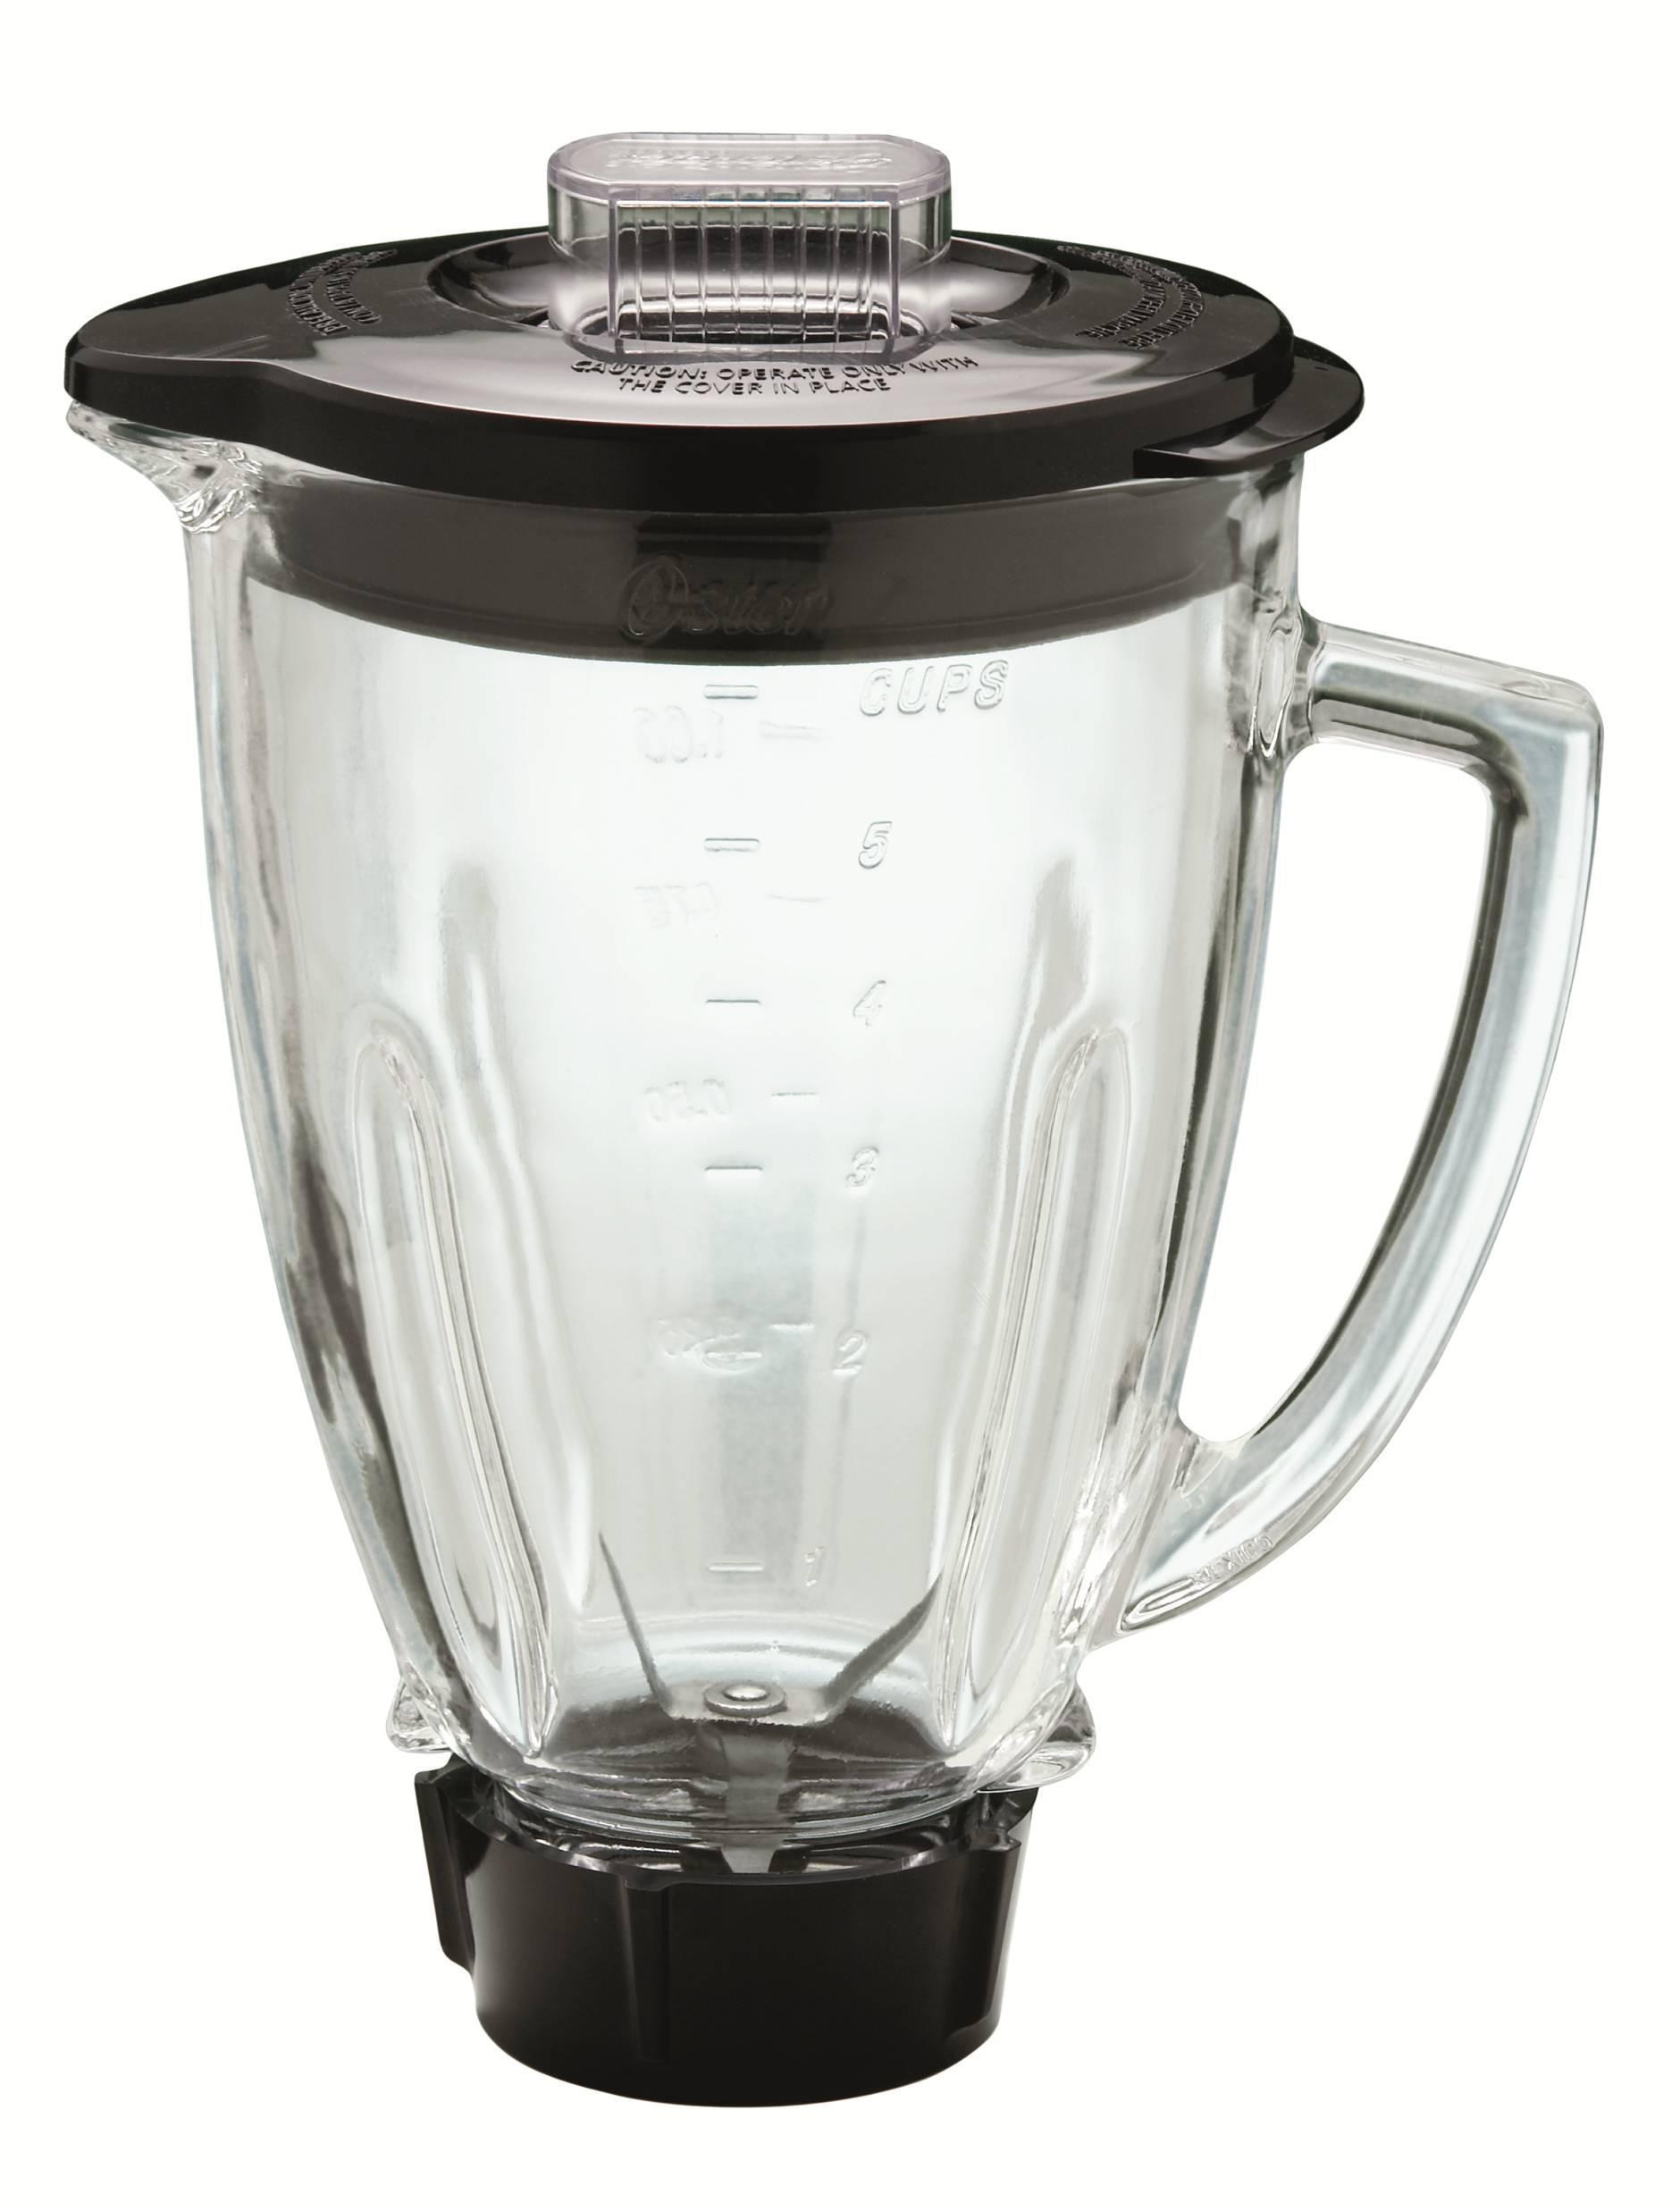 Oster Pro - Batidora de vaso (600 W, jarra de cristal, capacidad de 1.25 L, hierro fundido)